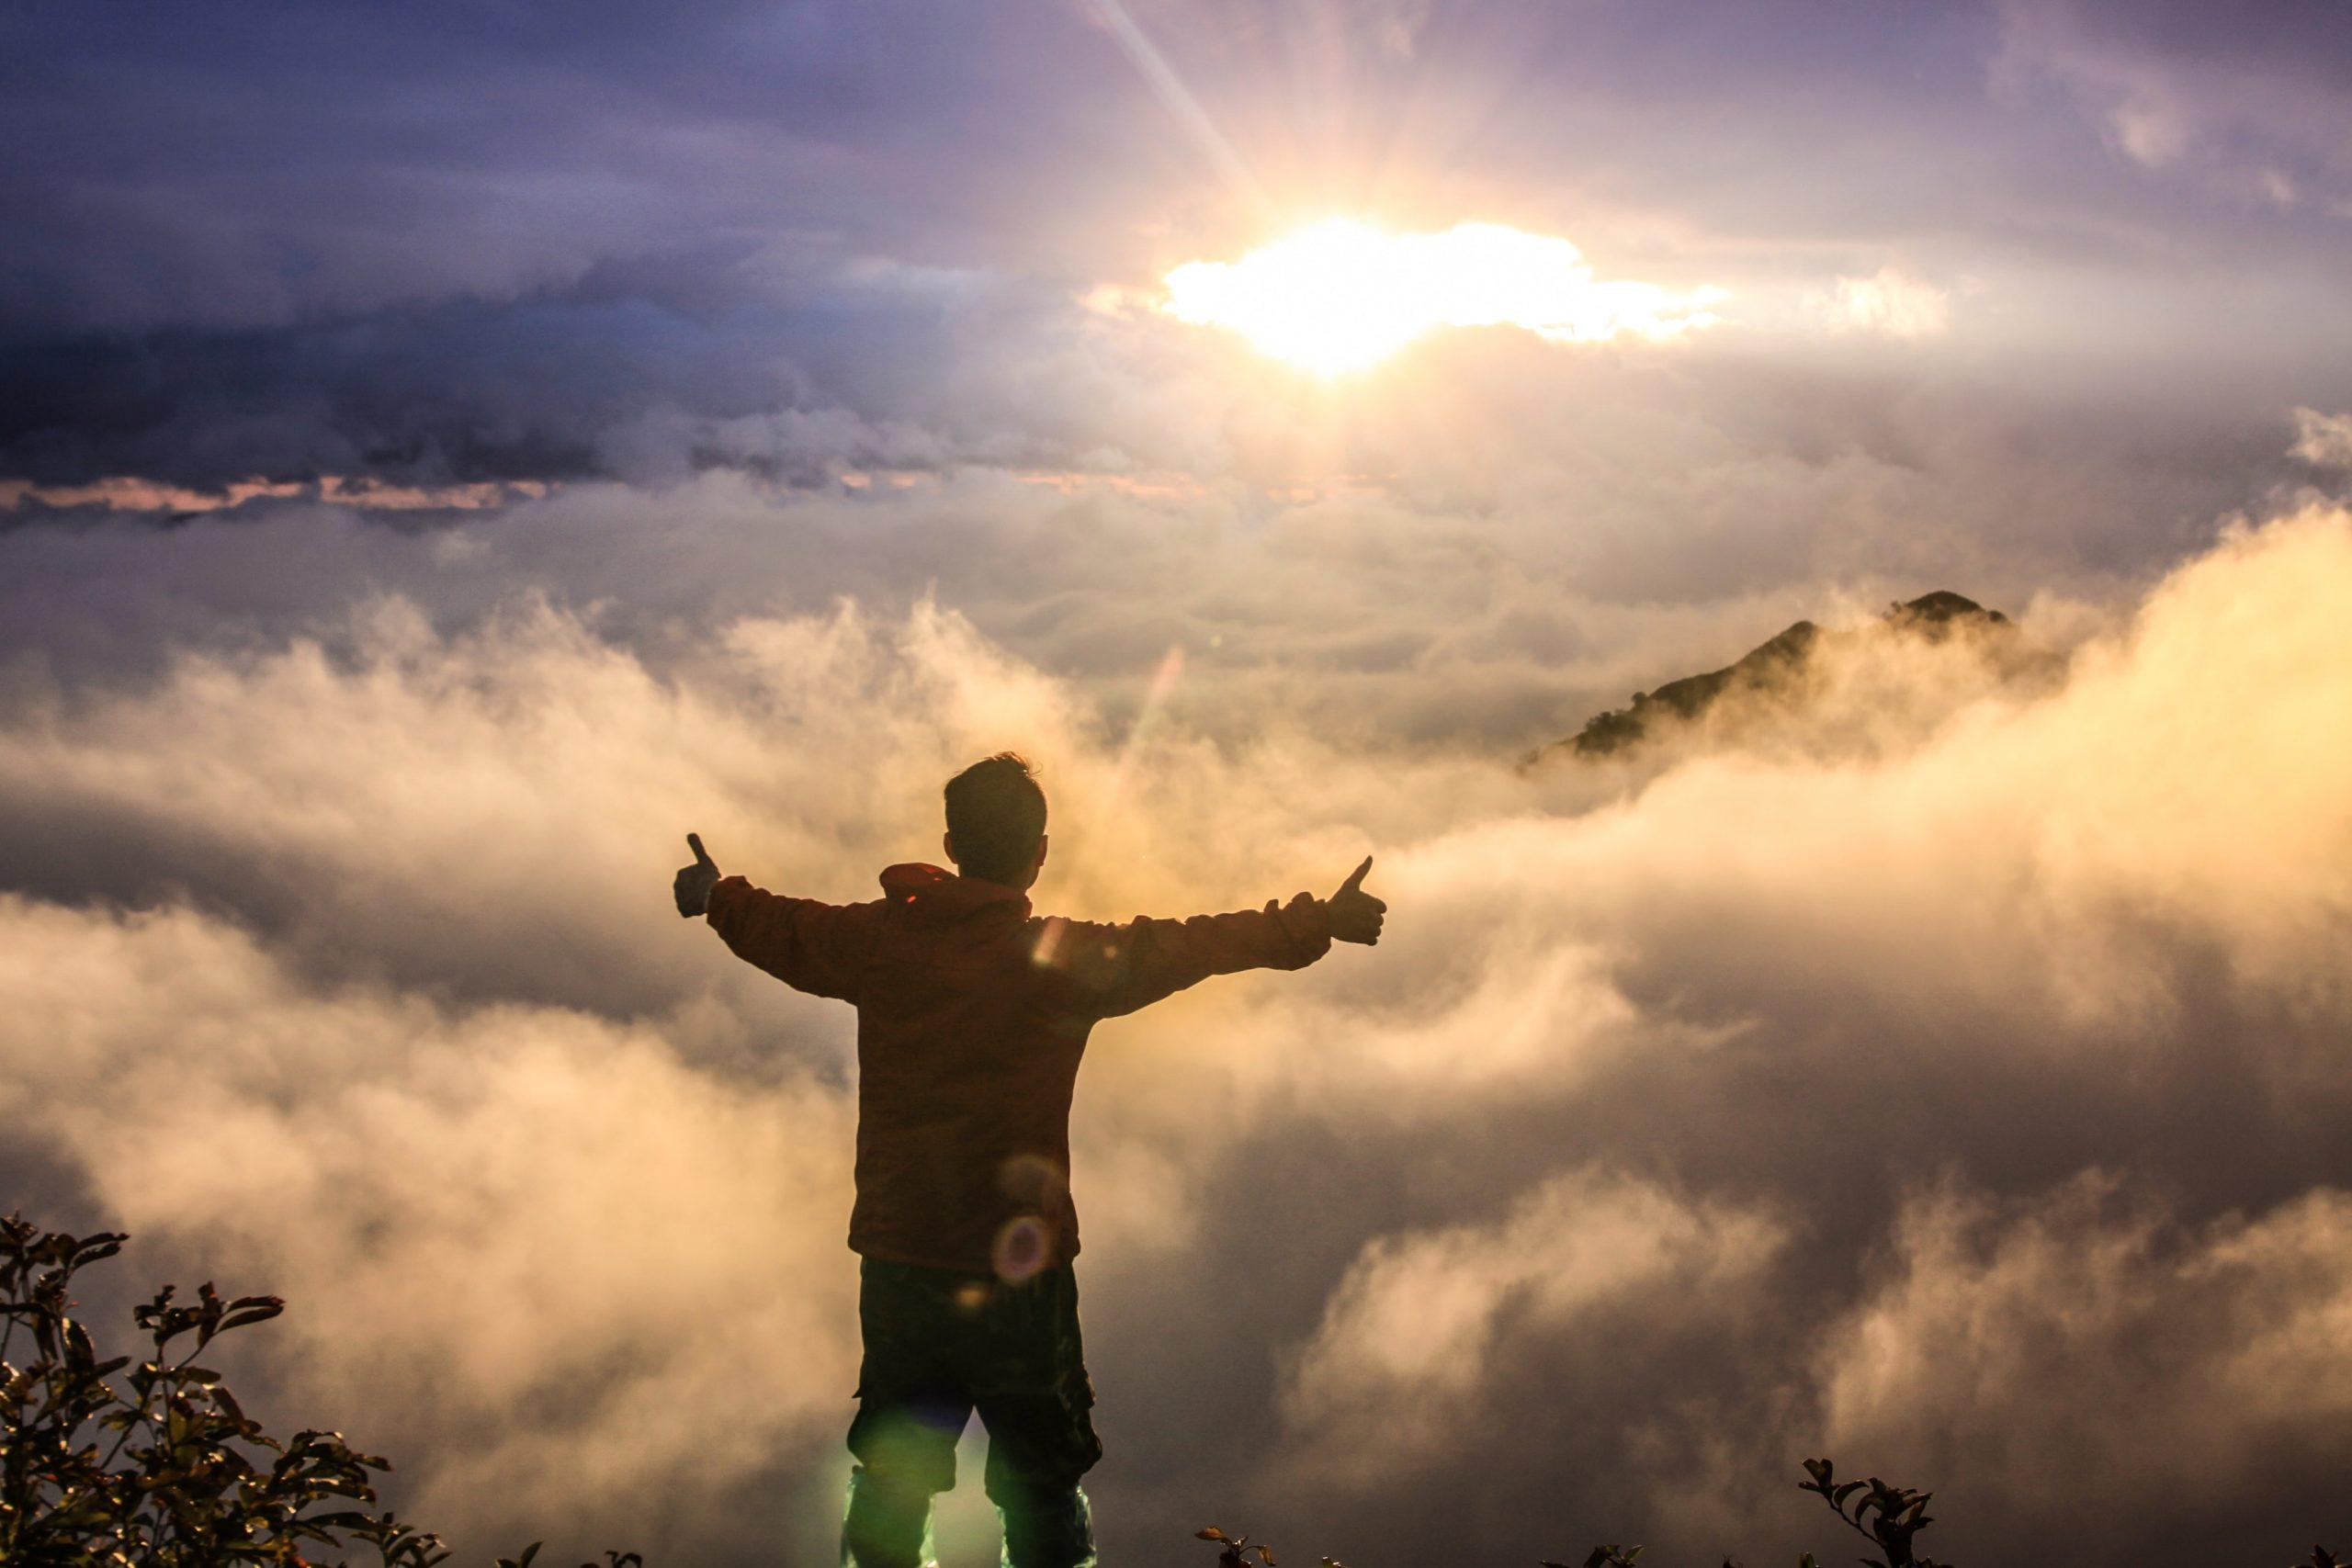 Mann mit Armen ausgestreckt und beiden Daumen nach oben steht an einer Lichtung über den Wolken